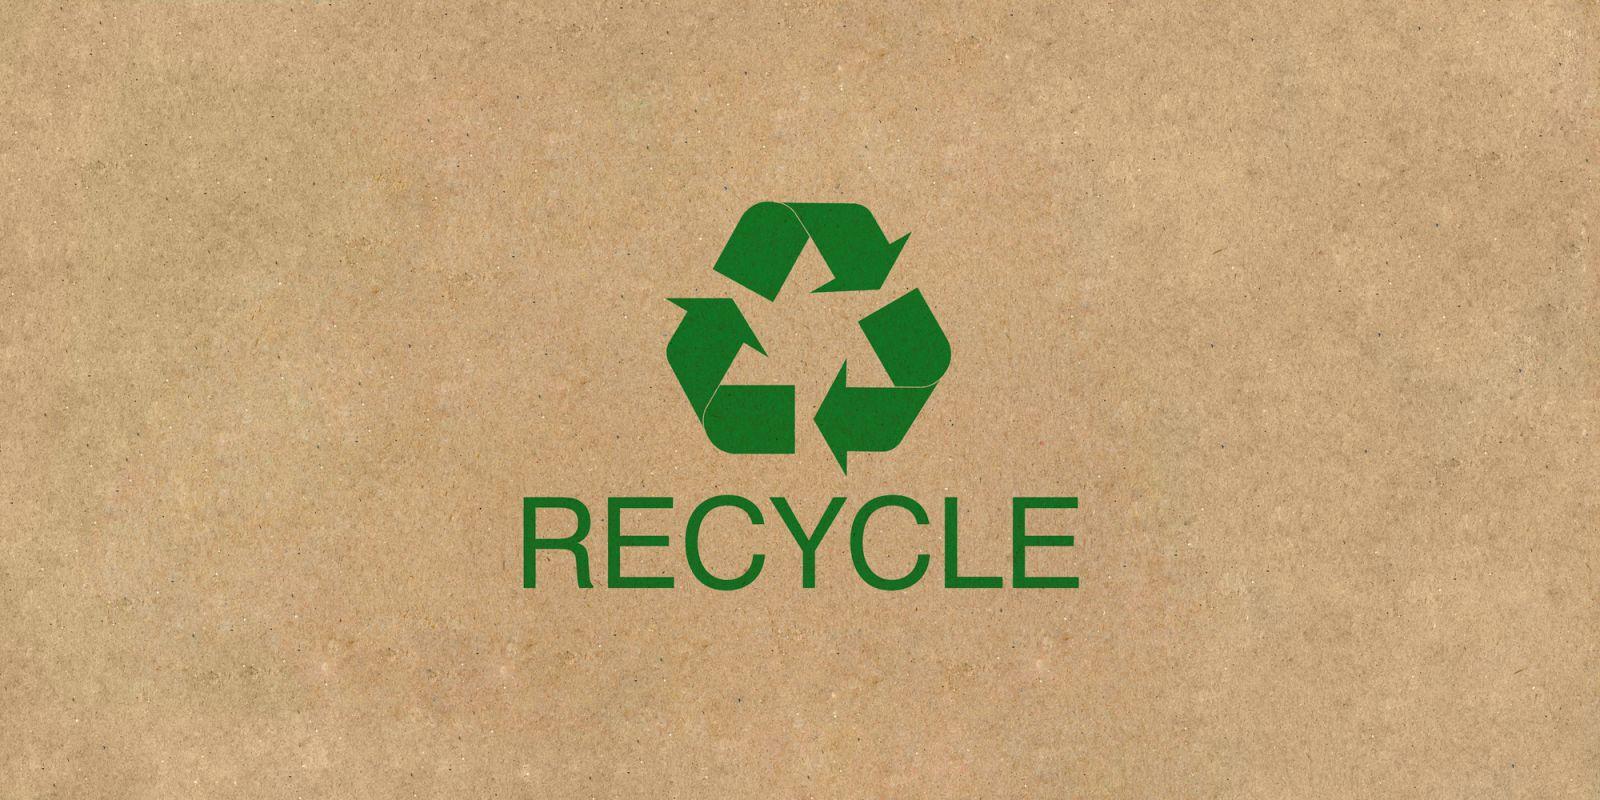 تعرف على الدولة الرائدة في العالم لإعادة التدوير..